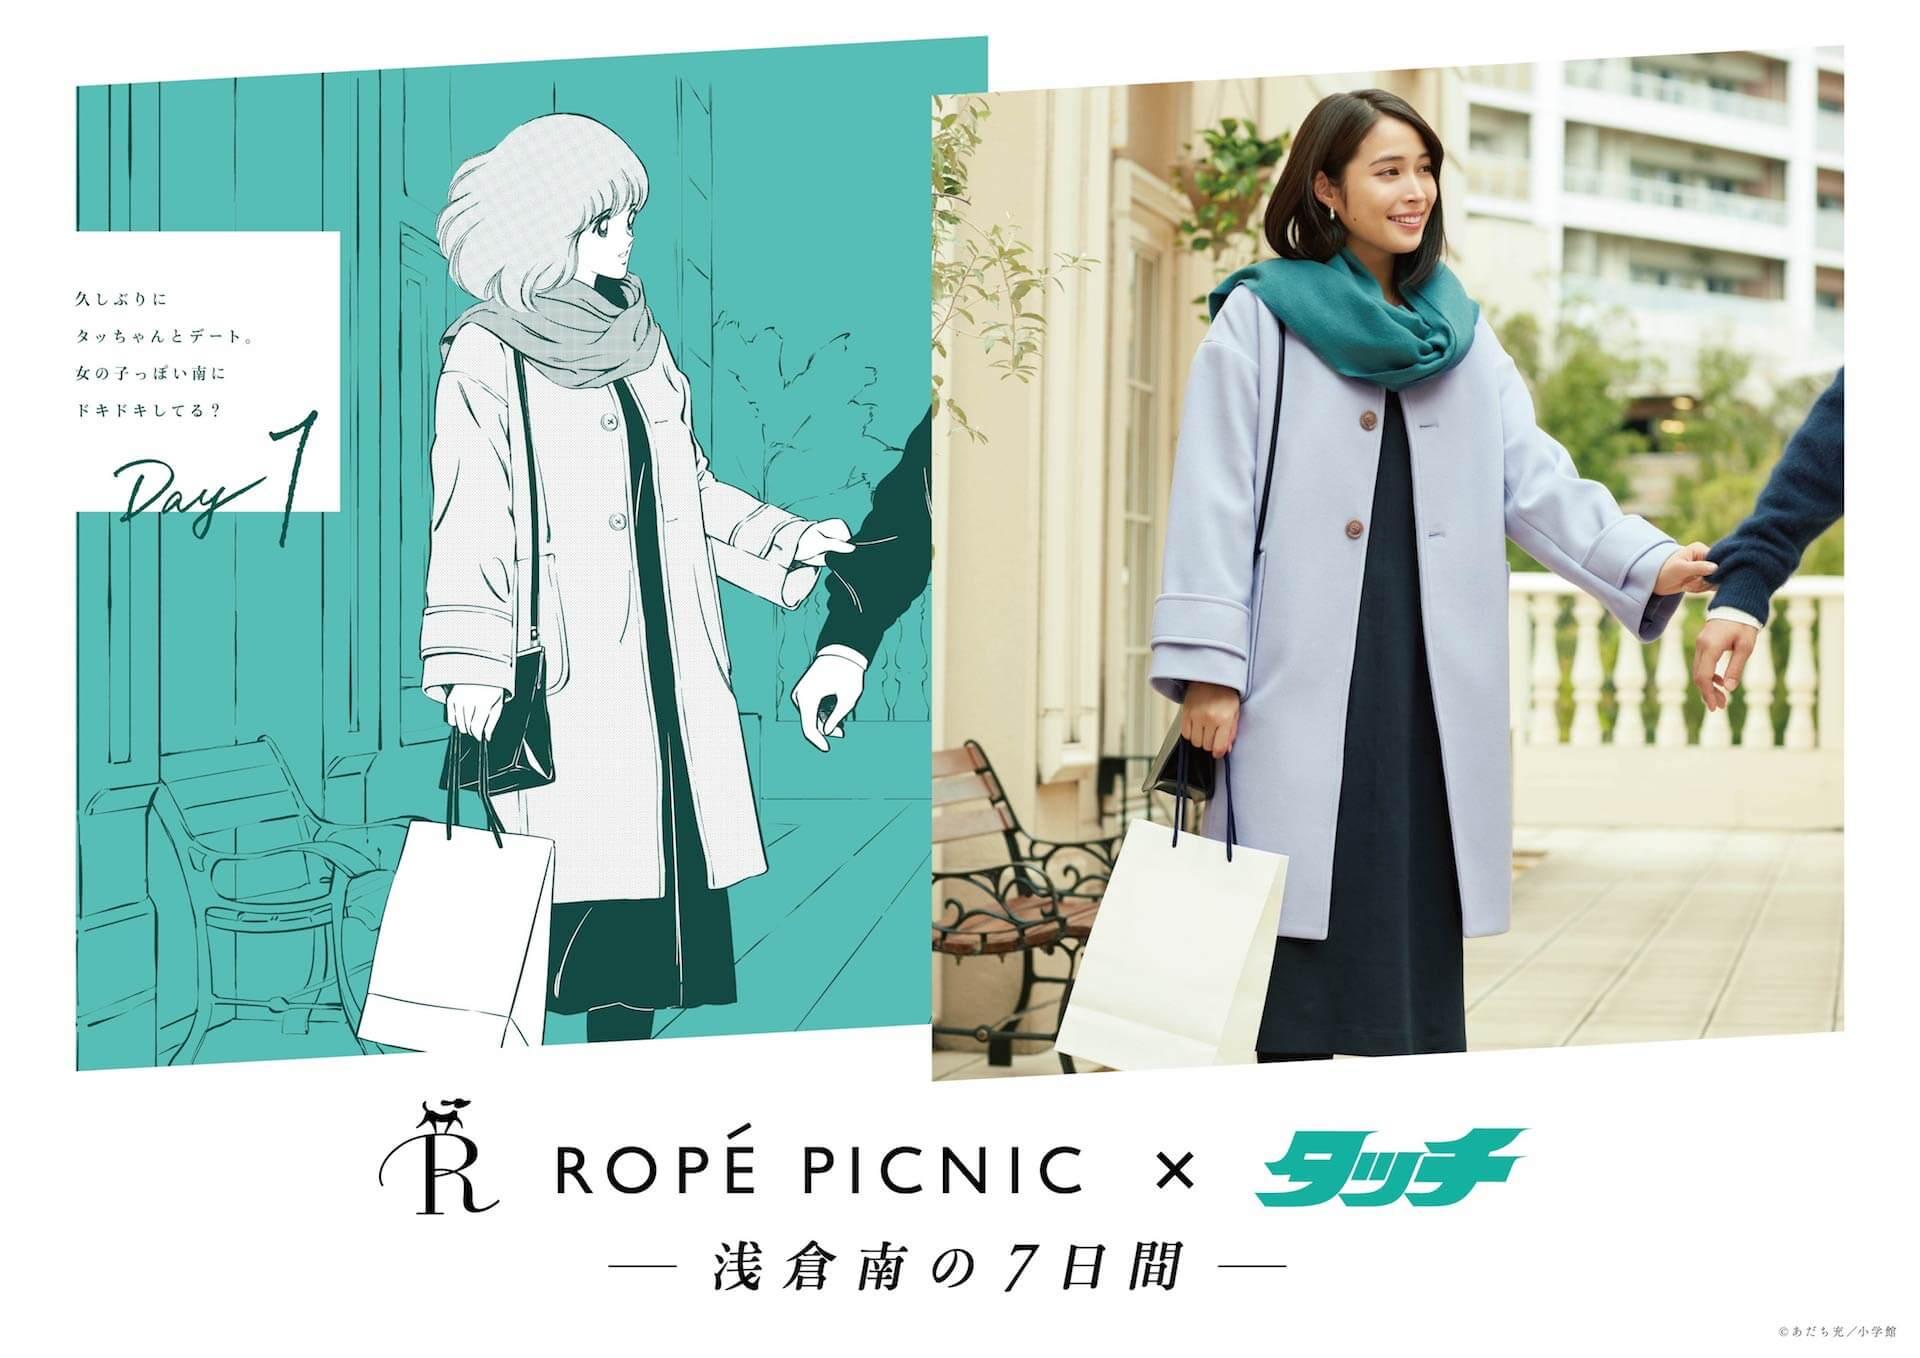 広瀬アリスが「タッチ」南ちゃんに!インタビューでは「かわいいにまっすぐ」なことについて語る life-fashion191125-ropepicnic-hirosealice-2